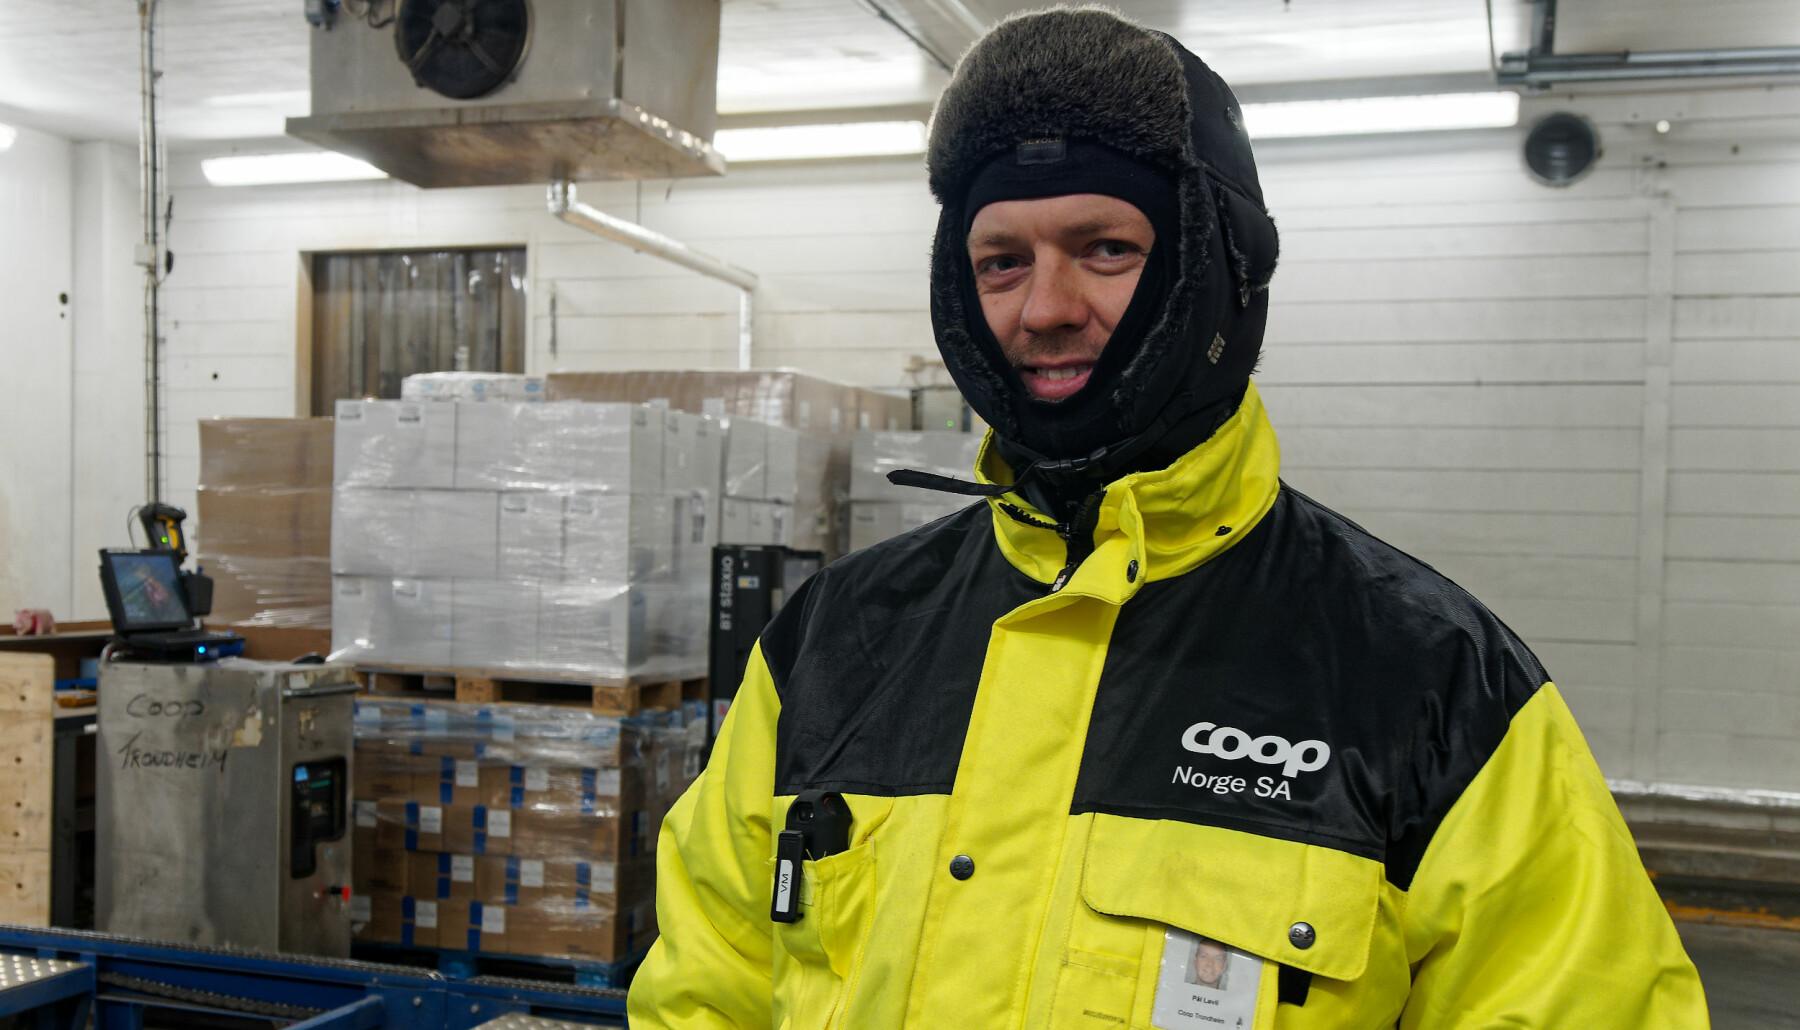 Pål Løvlie arbeider på fryselageret til Coop på Tiller i Trondheim. – Det blir ikke mye bedre enn dette – nå føler jeg meg mye tryggere, sier han. Alenearbeideralarmen fra Noby har plass i brystlommen.